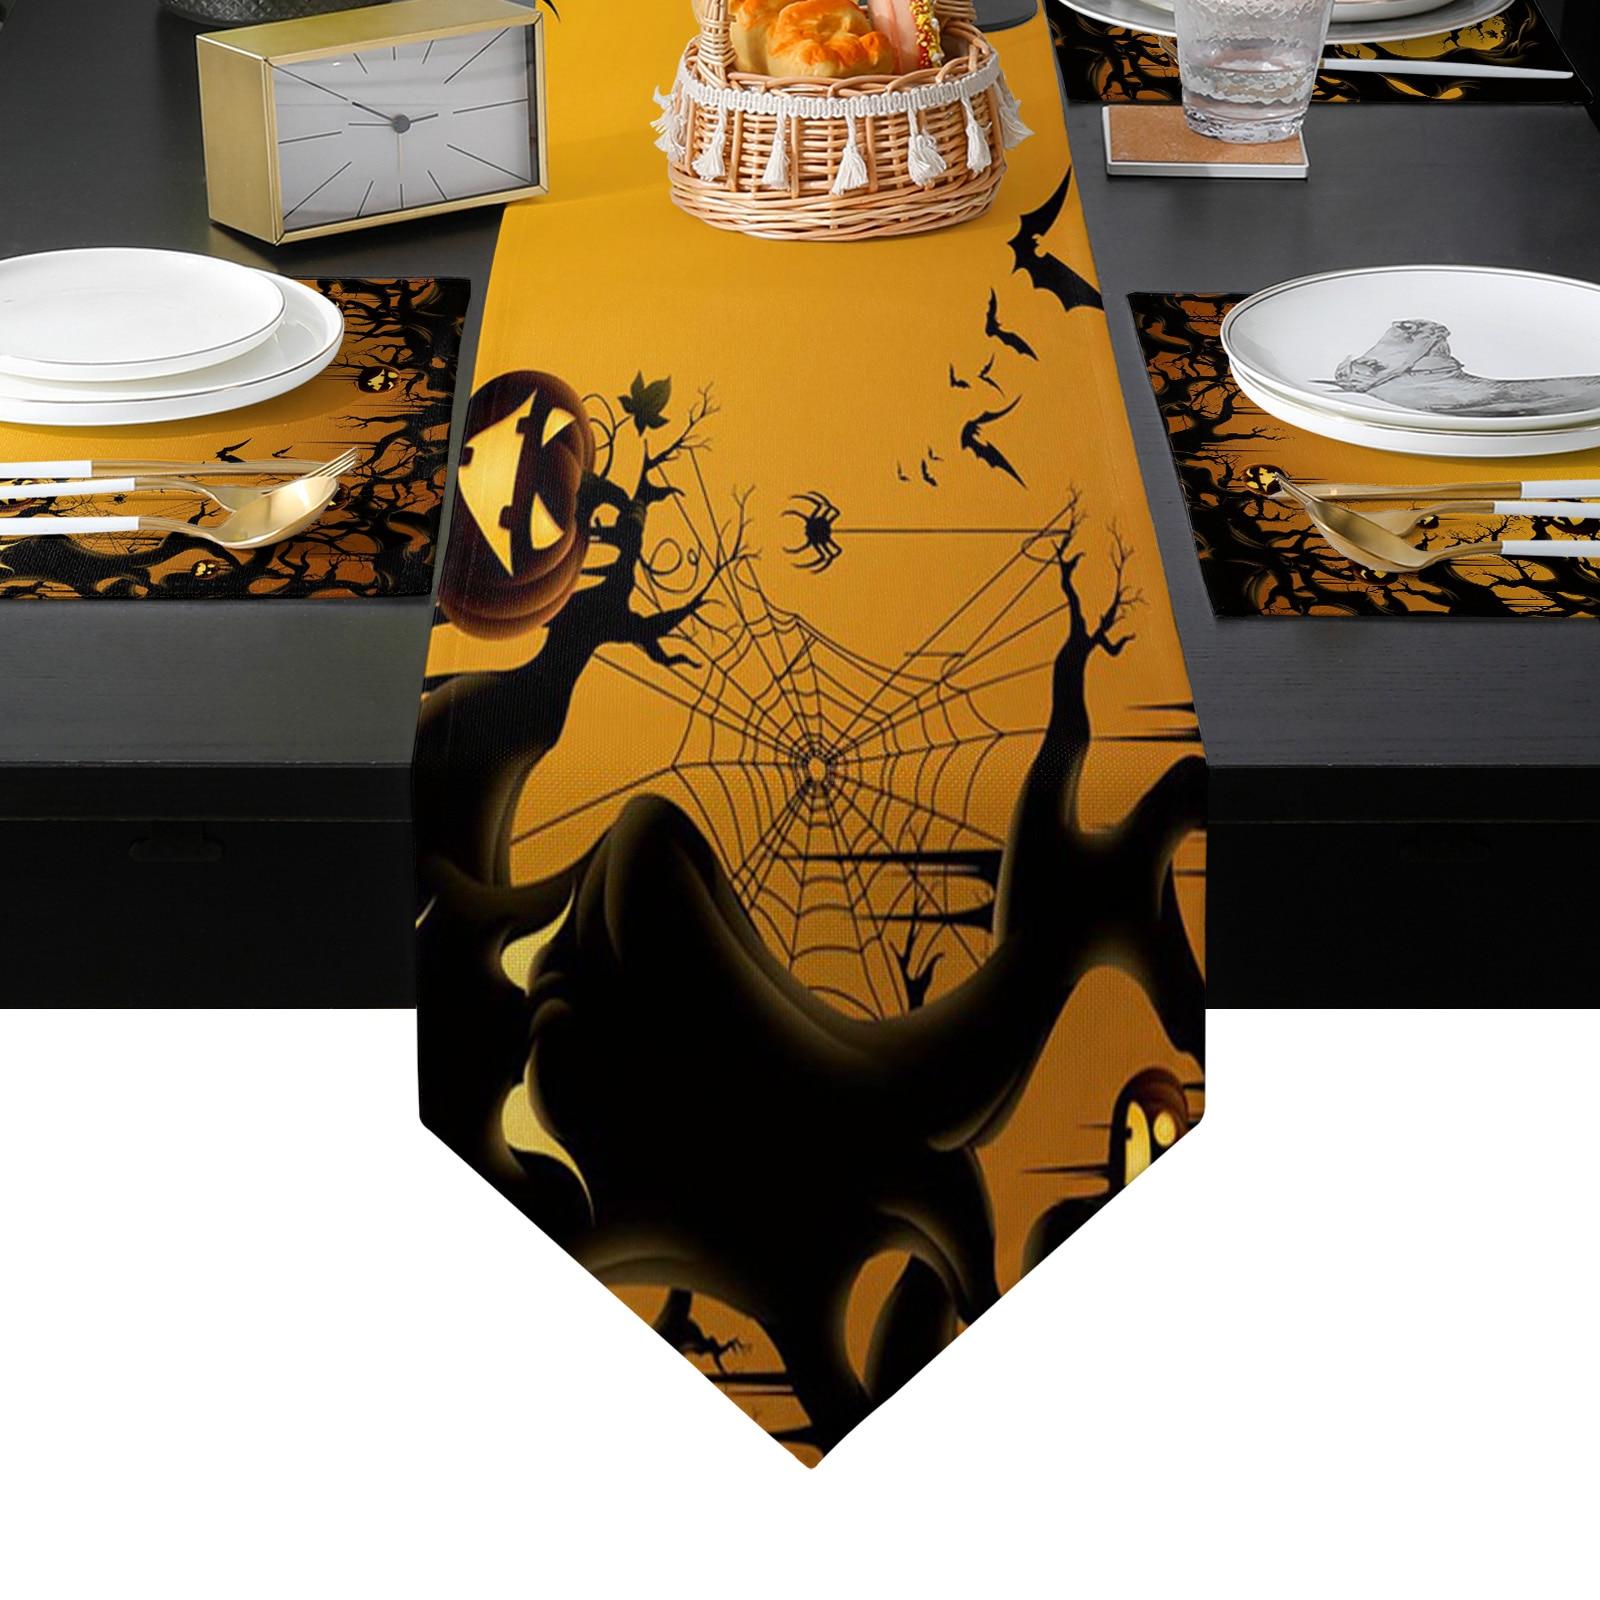 هالوين الخفافيش اليقطين الجدول عداء عطلة المطبخ طاولة طعام العدائين مكان الحصير مجموعة للمنزل ديكور حفلات